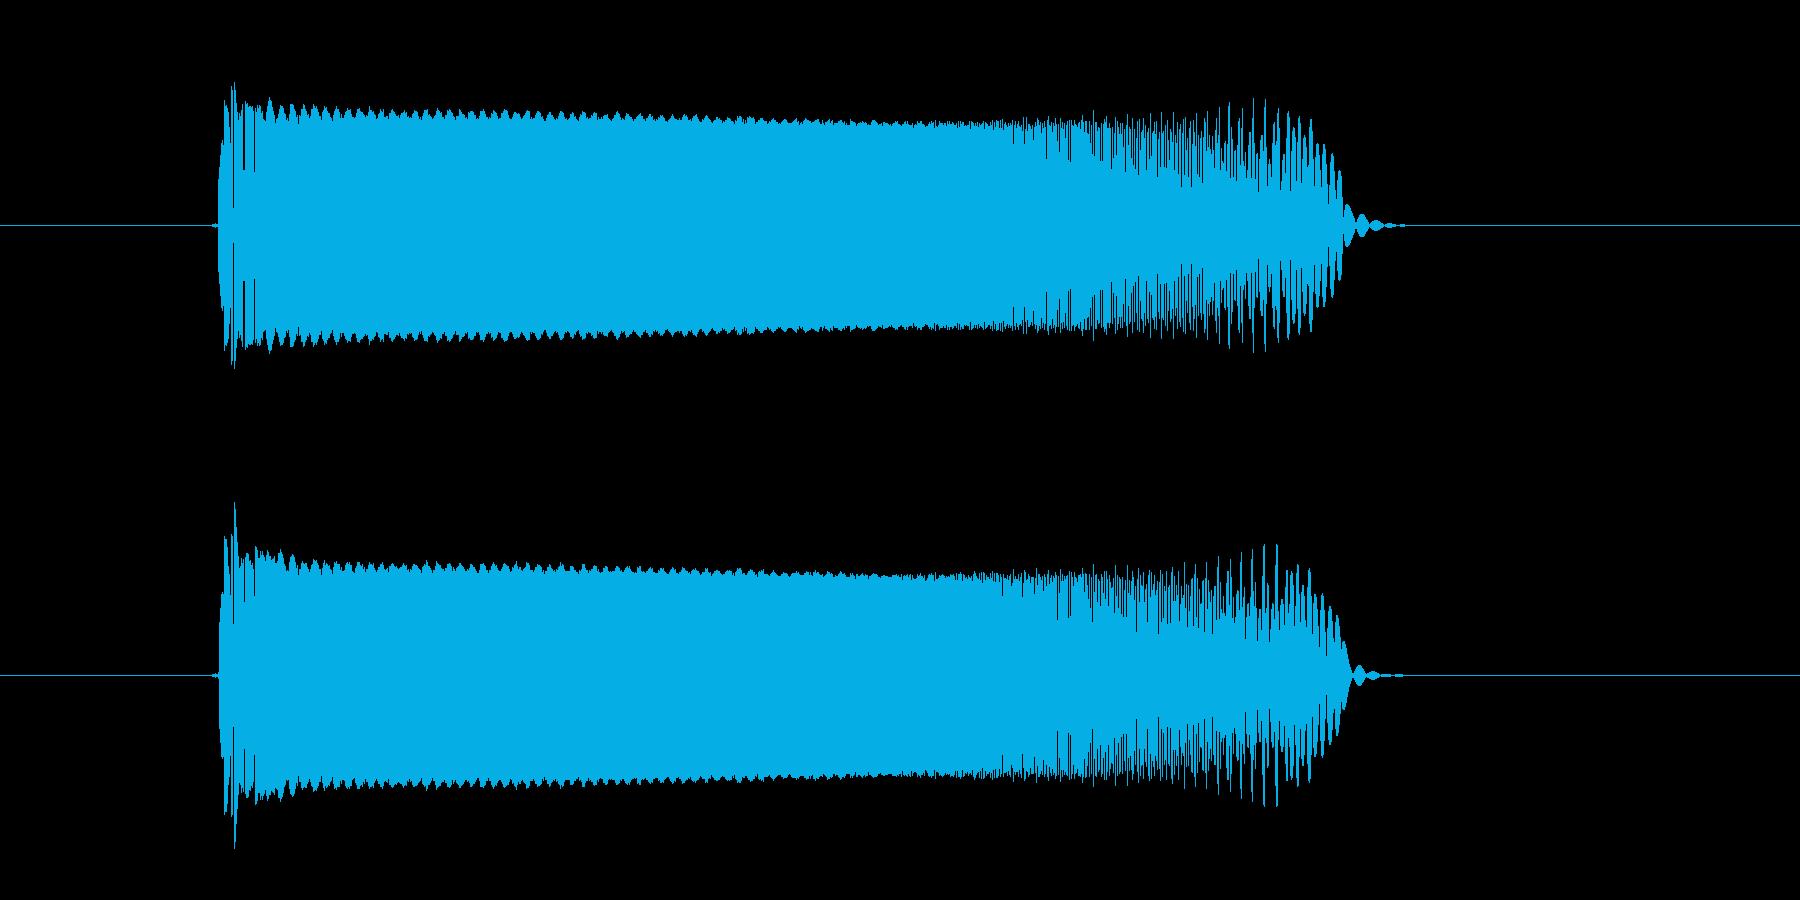 チューーーン!SF系電子音の再生済みの波形